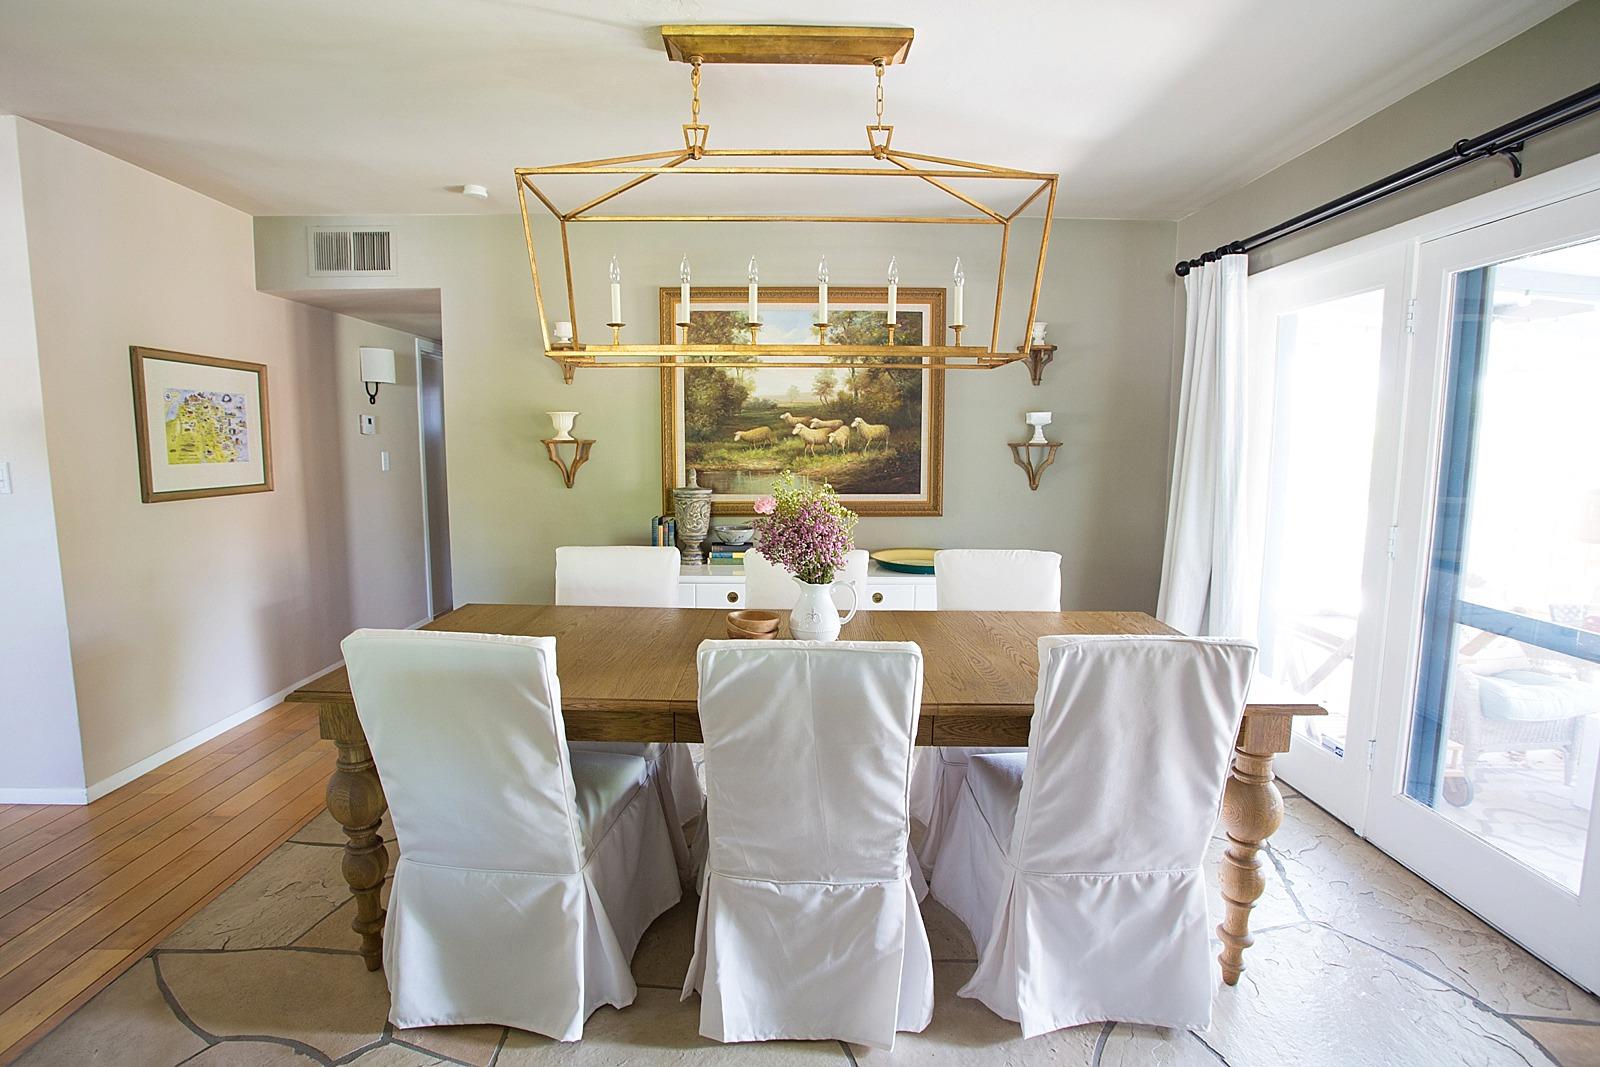 dining-room-5168